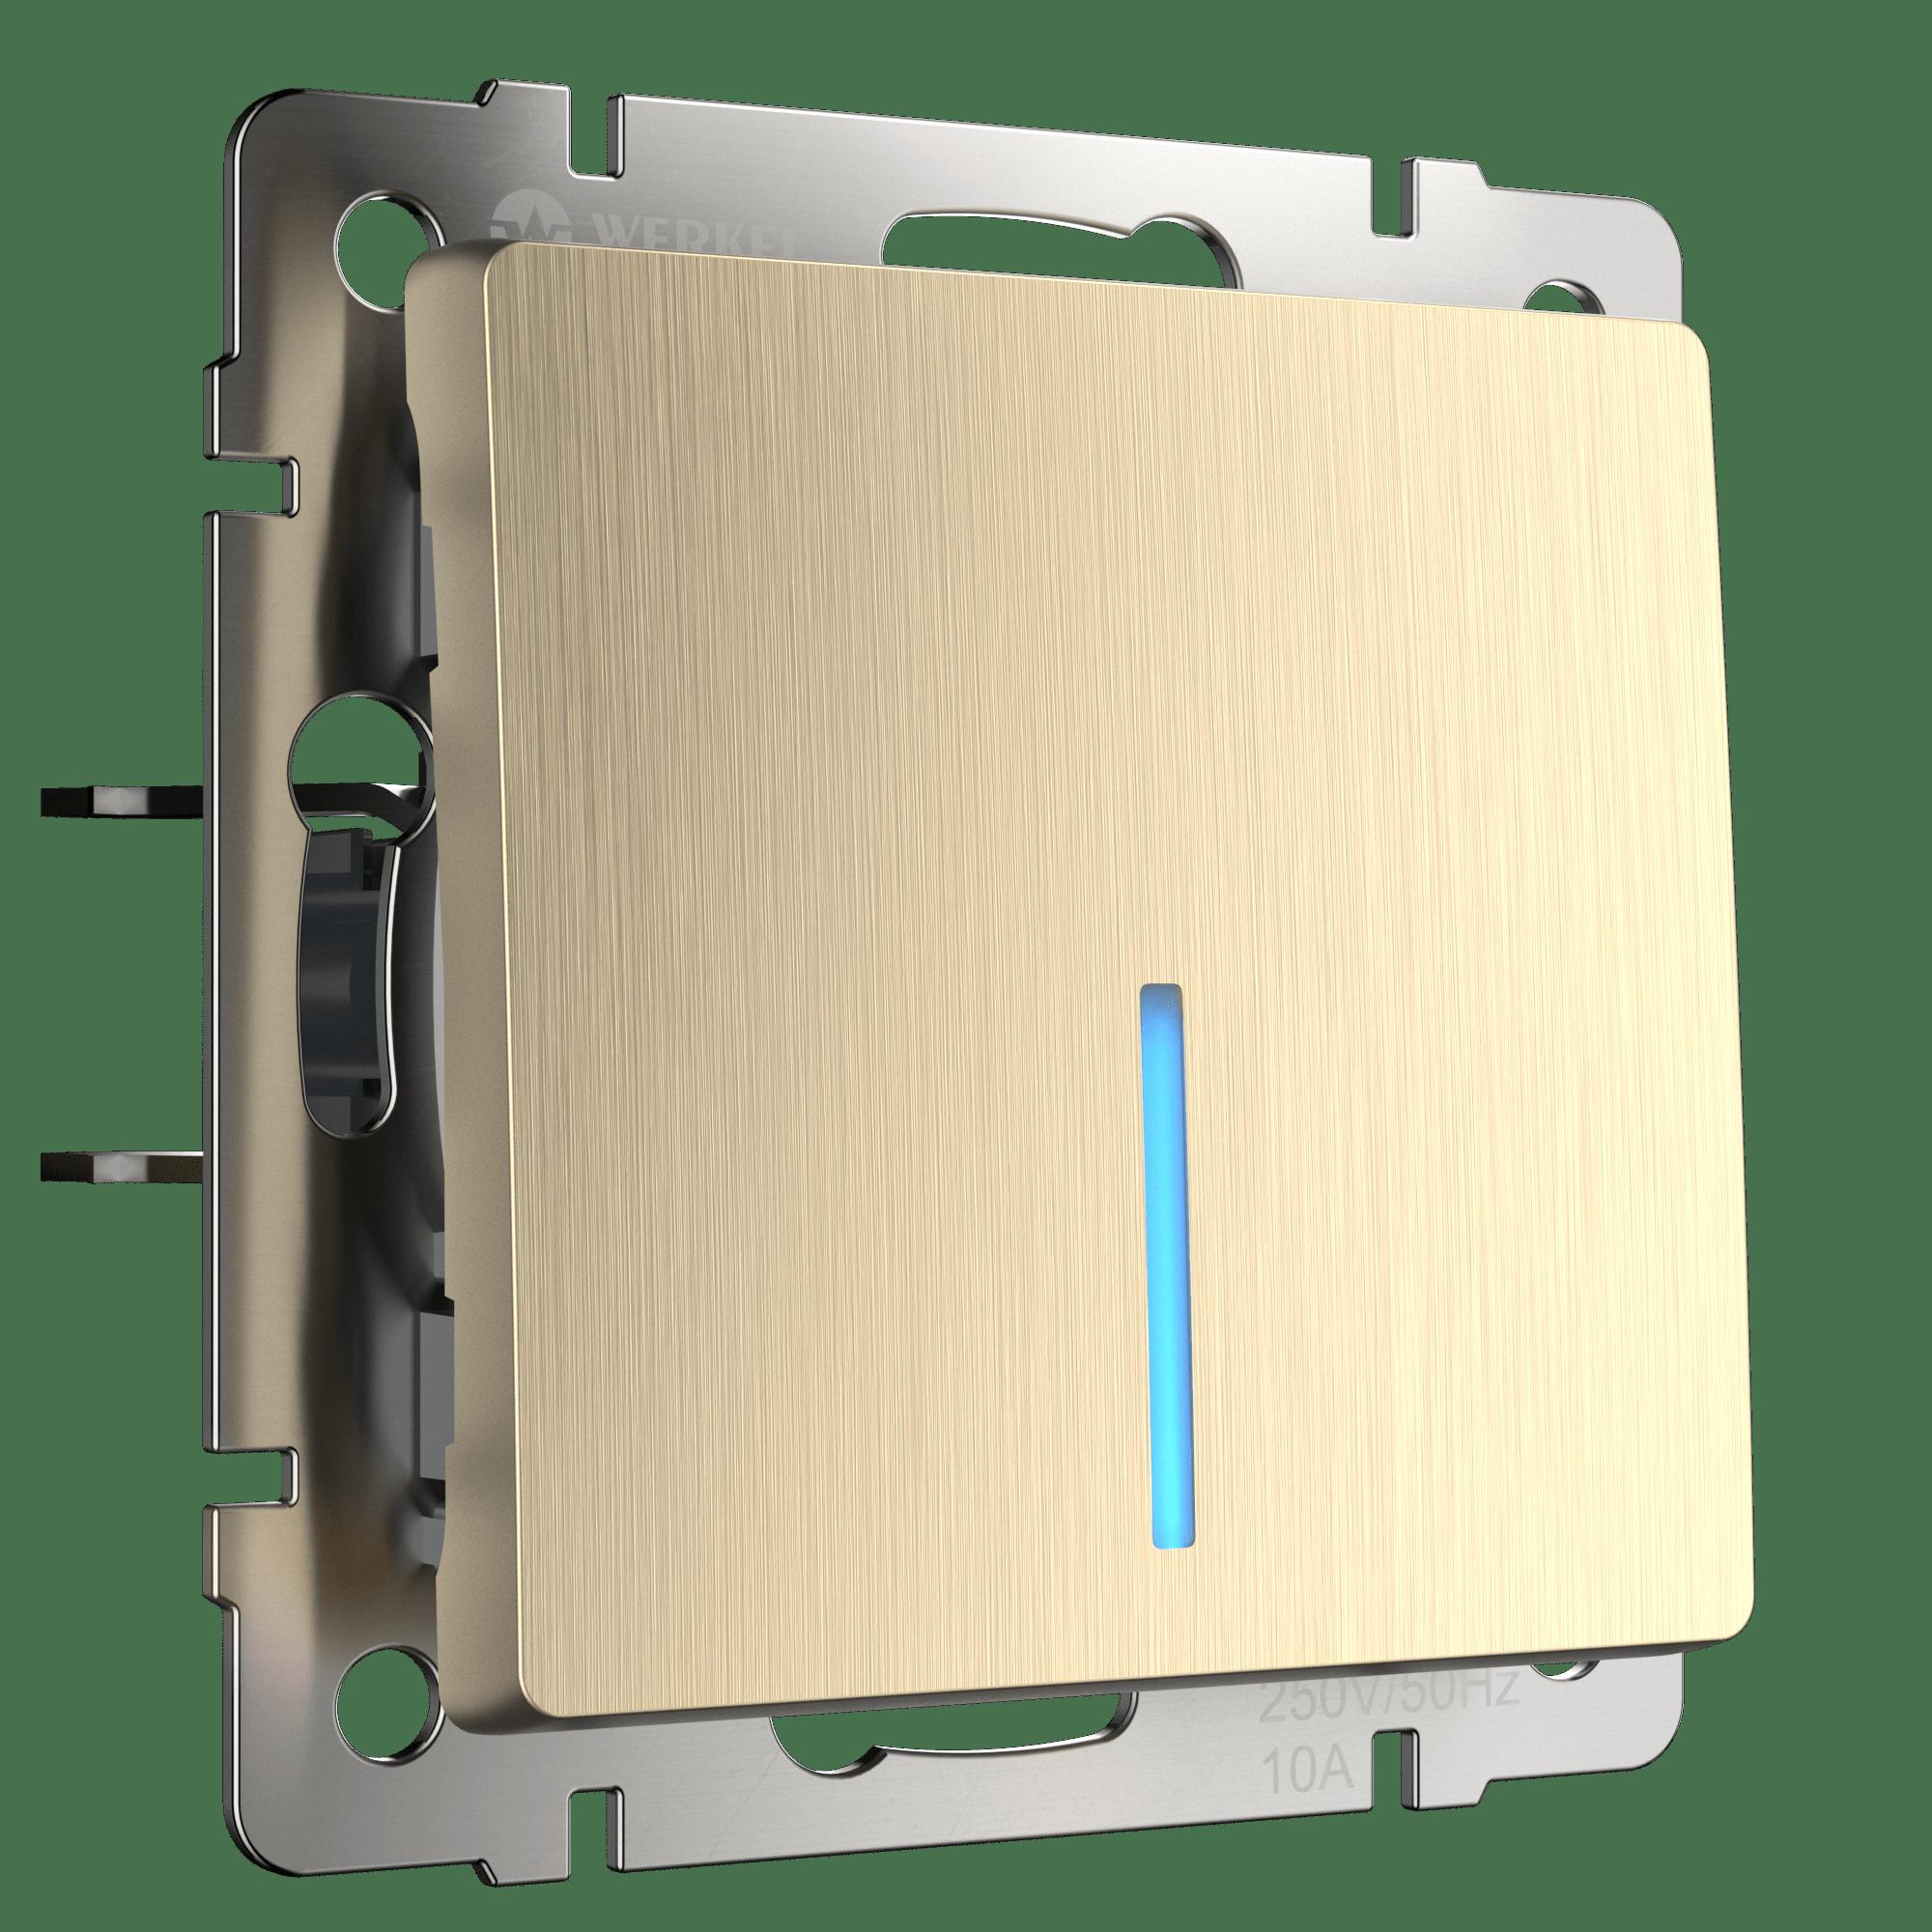 WL10-SW-1G-2W-LED / Выключатель одноклавишный проходной с подсветкой (шампань рифленый)